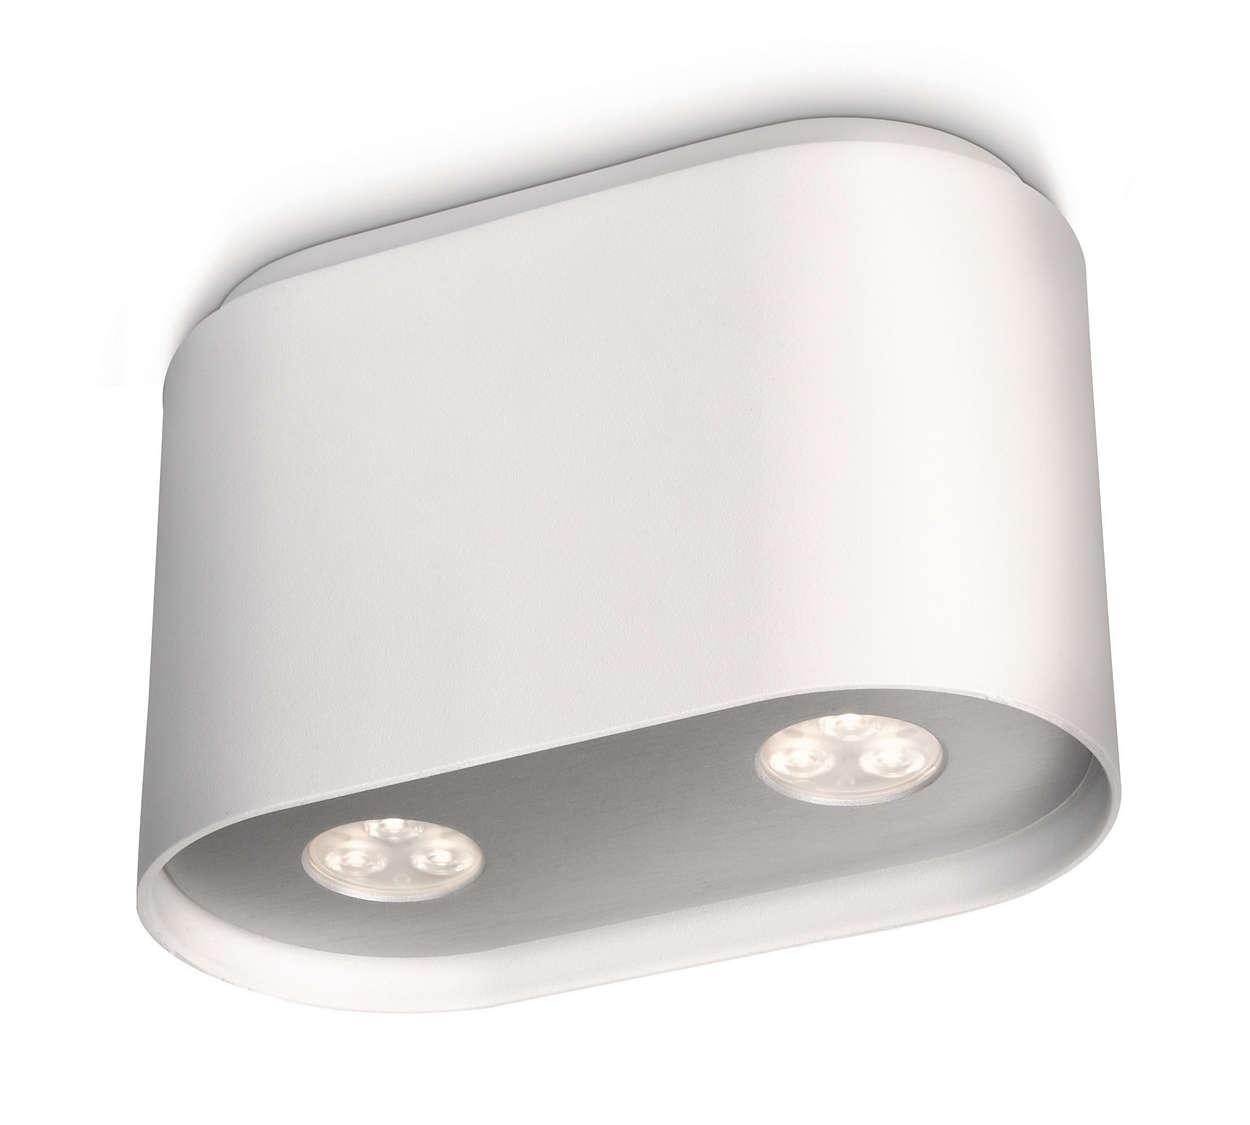 spotlamp 531623116 philips. Black Bedroom Furniture Sets. Home Design Ideas